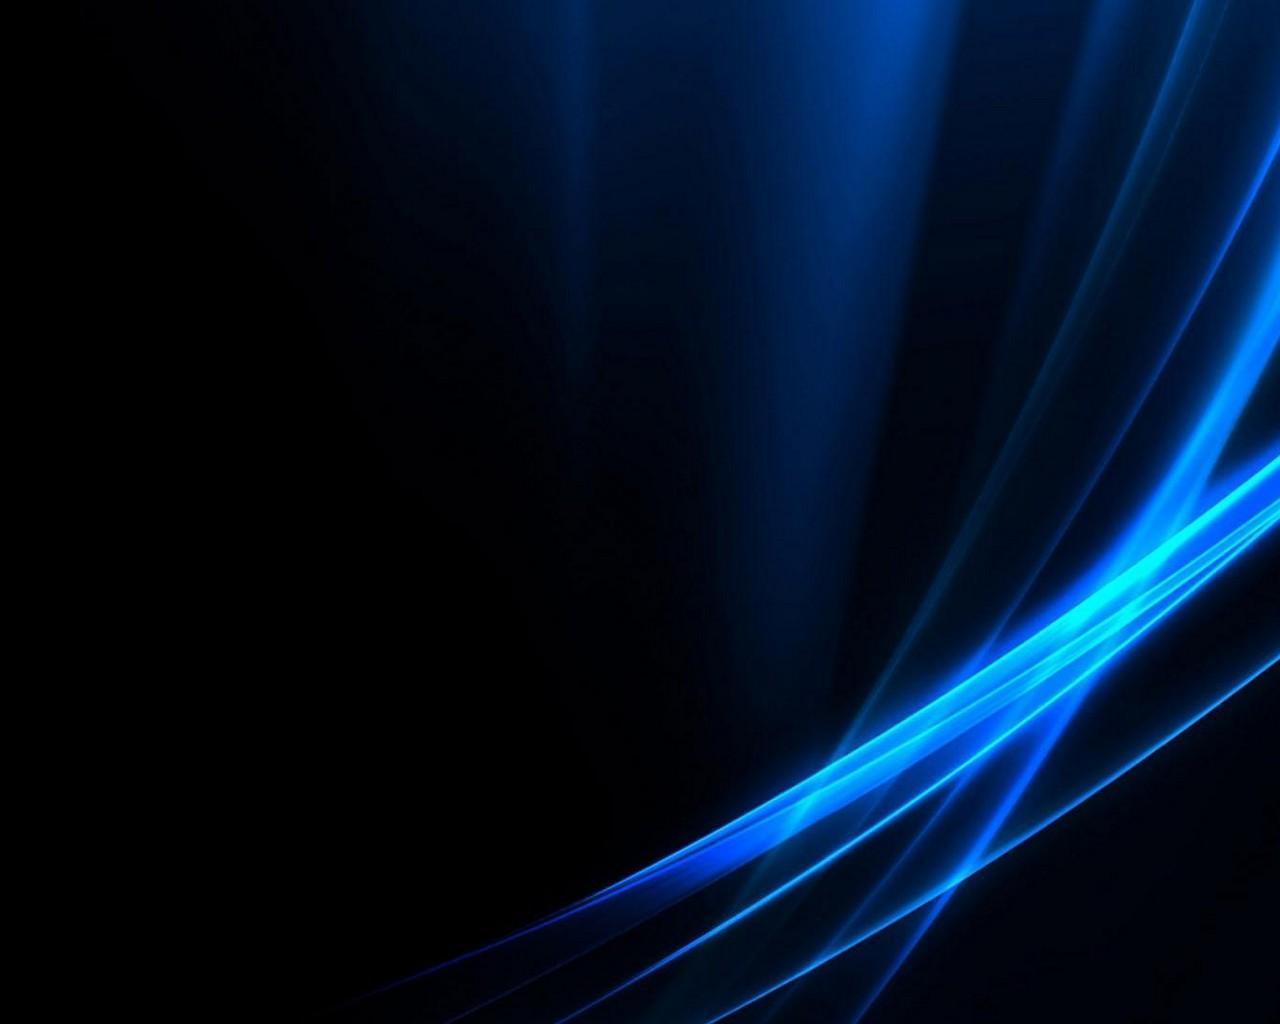 1280x1024 Hình nền chuyển động Hình nền Super AMOLED HD Chủ đề